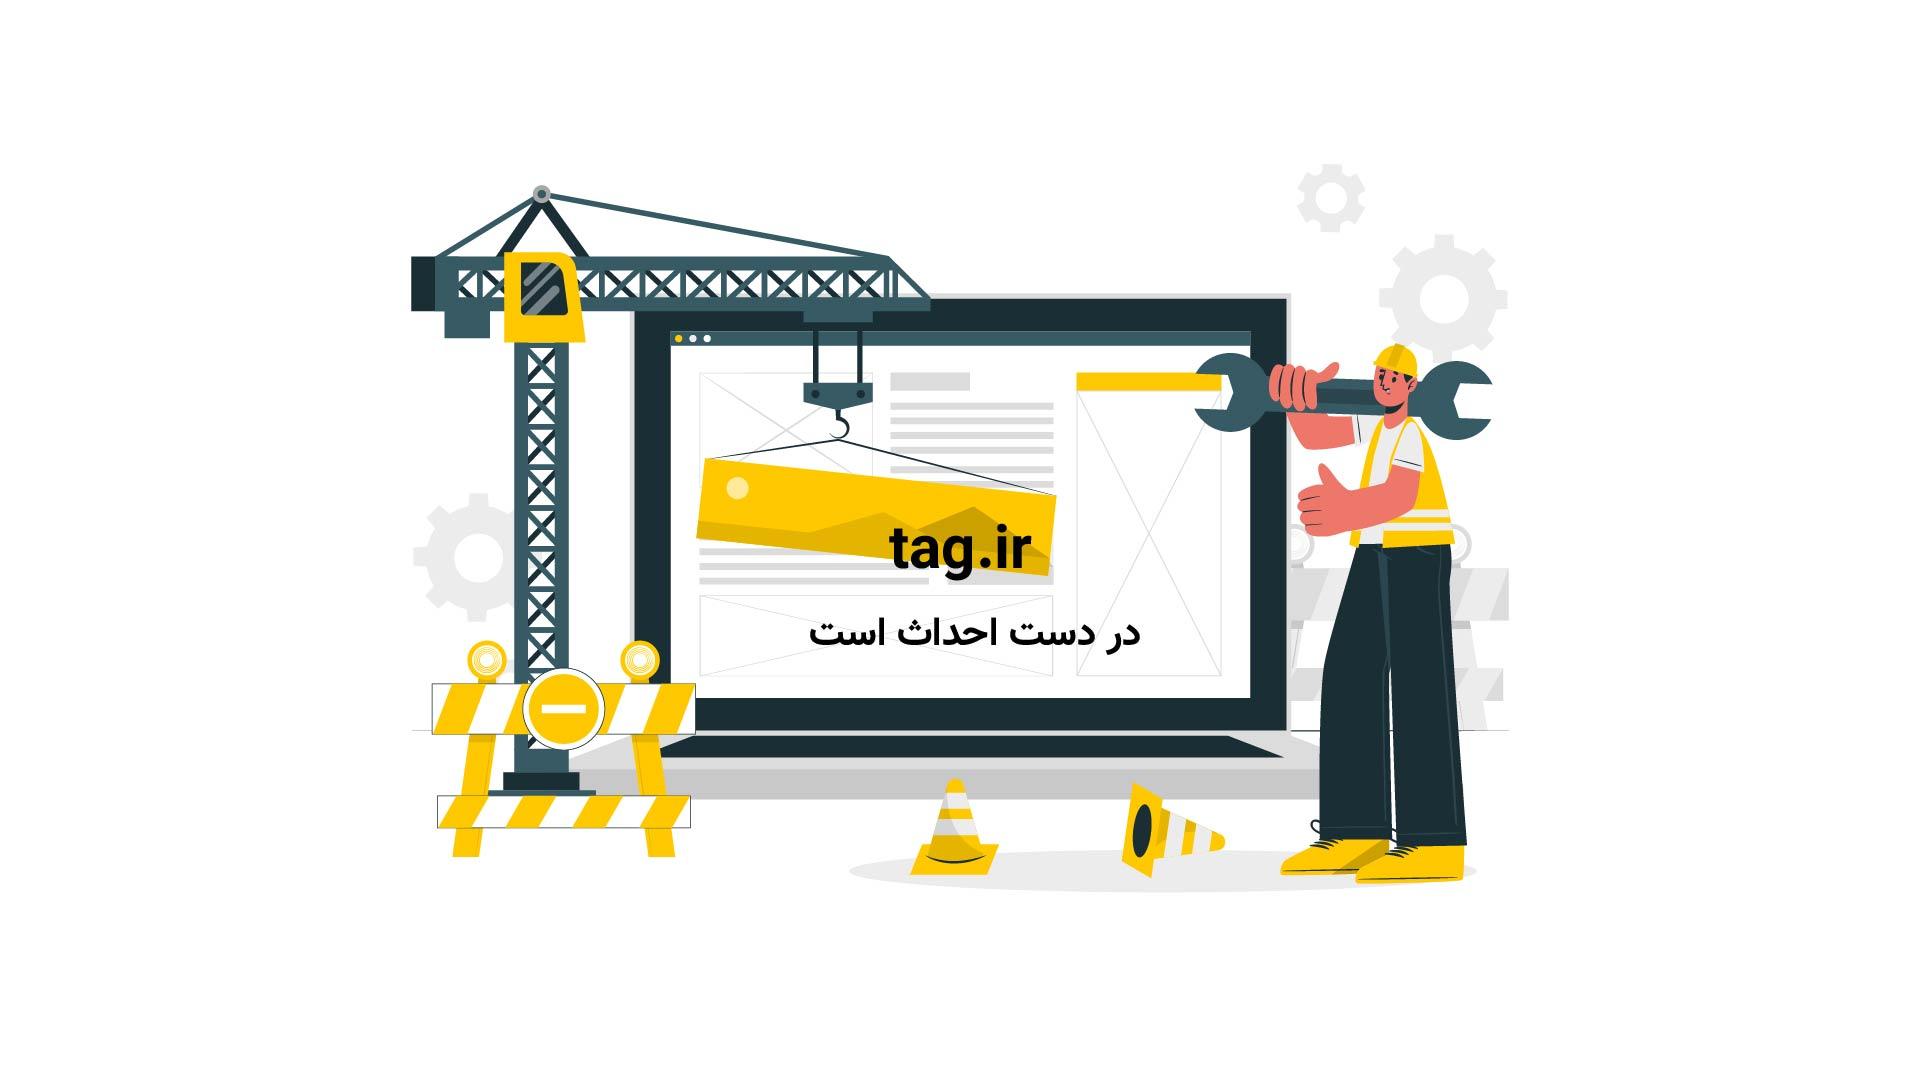 فوک دریایی نظامی | تگ